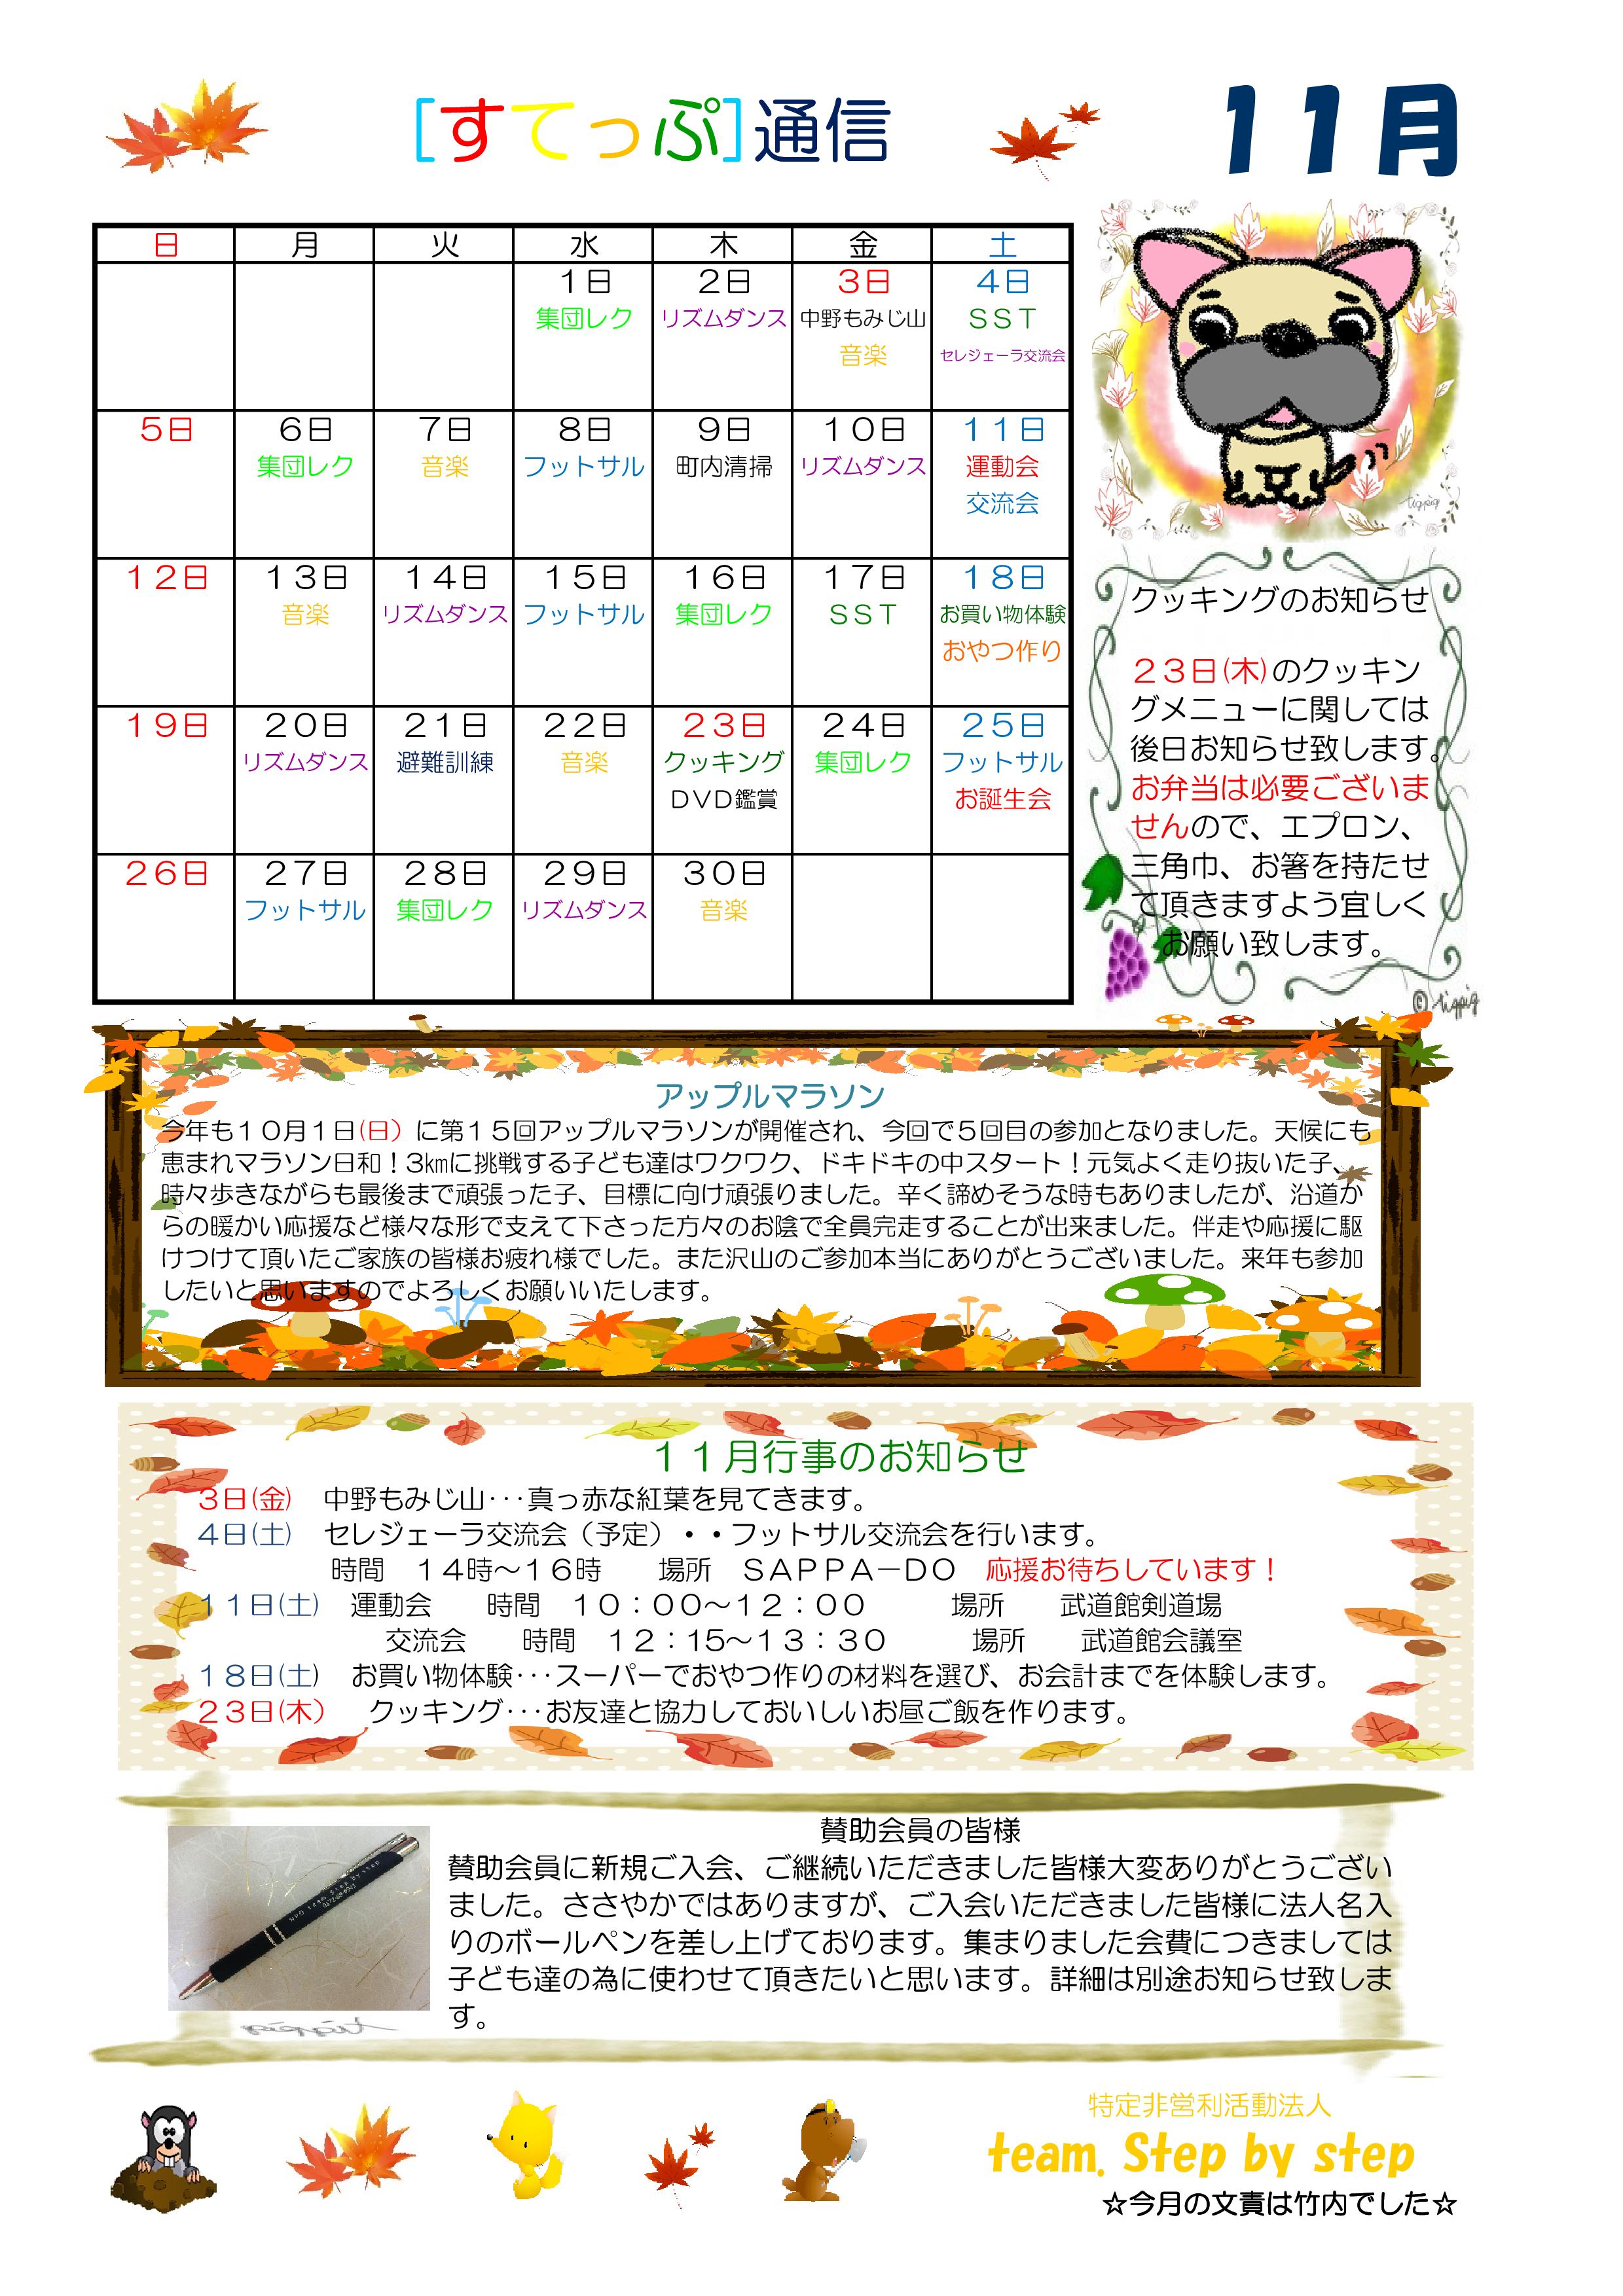 児童デイサービスすてっぷ 日中一時支援 すてっぷ通信2017年11月号